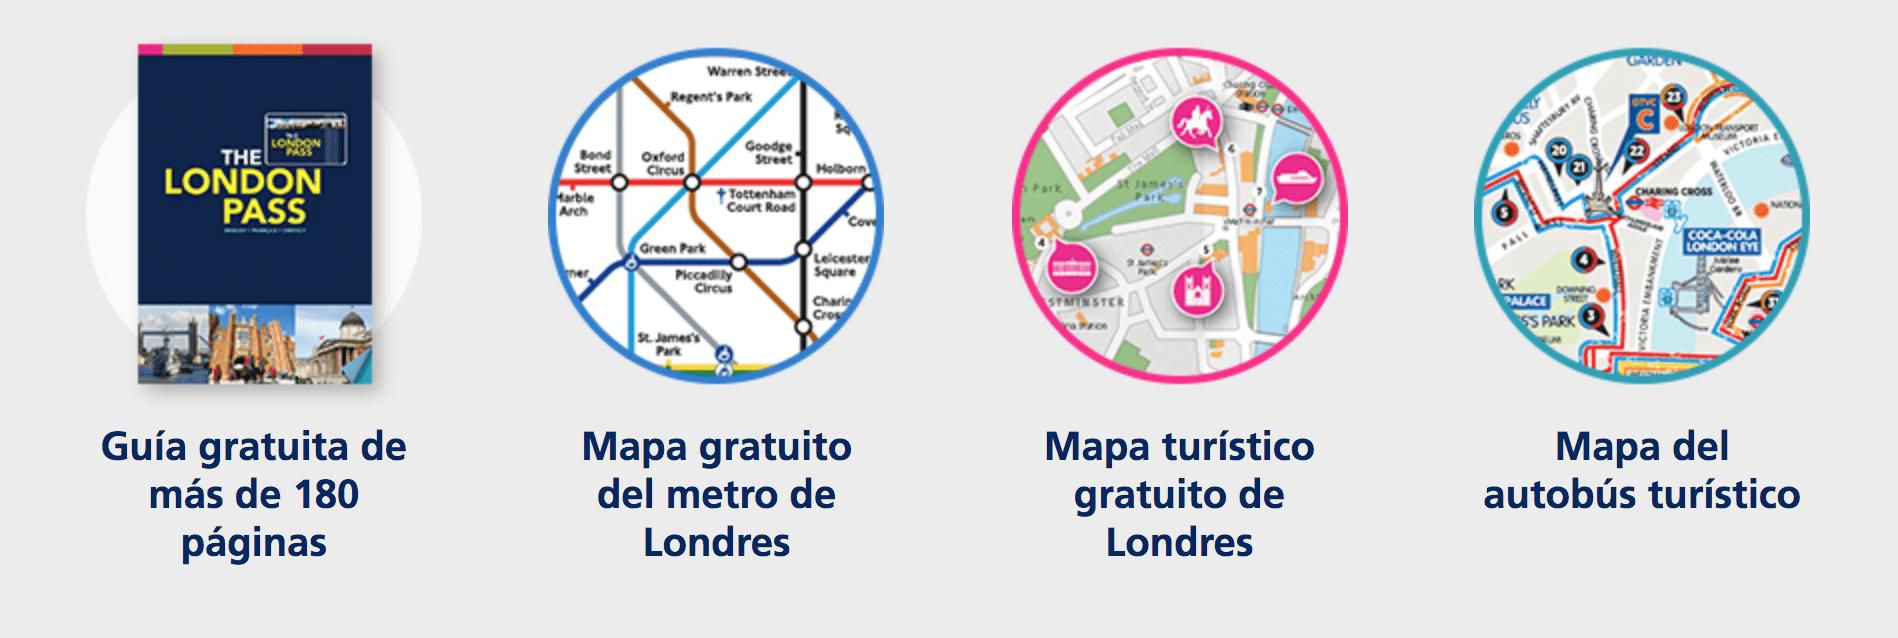 Opiniones sobre Conocer y hacer turismo en Londres con la London Pass